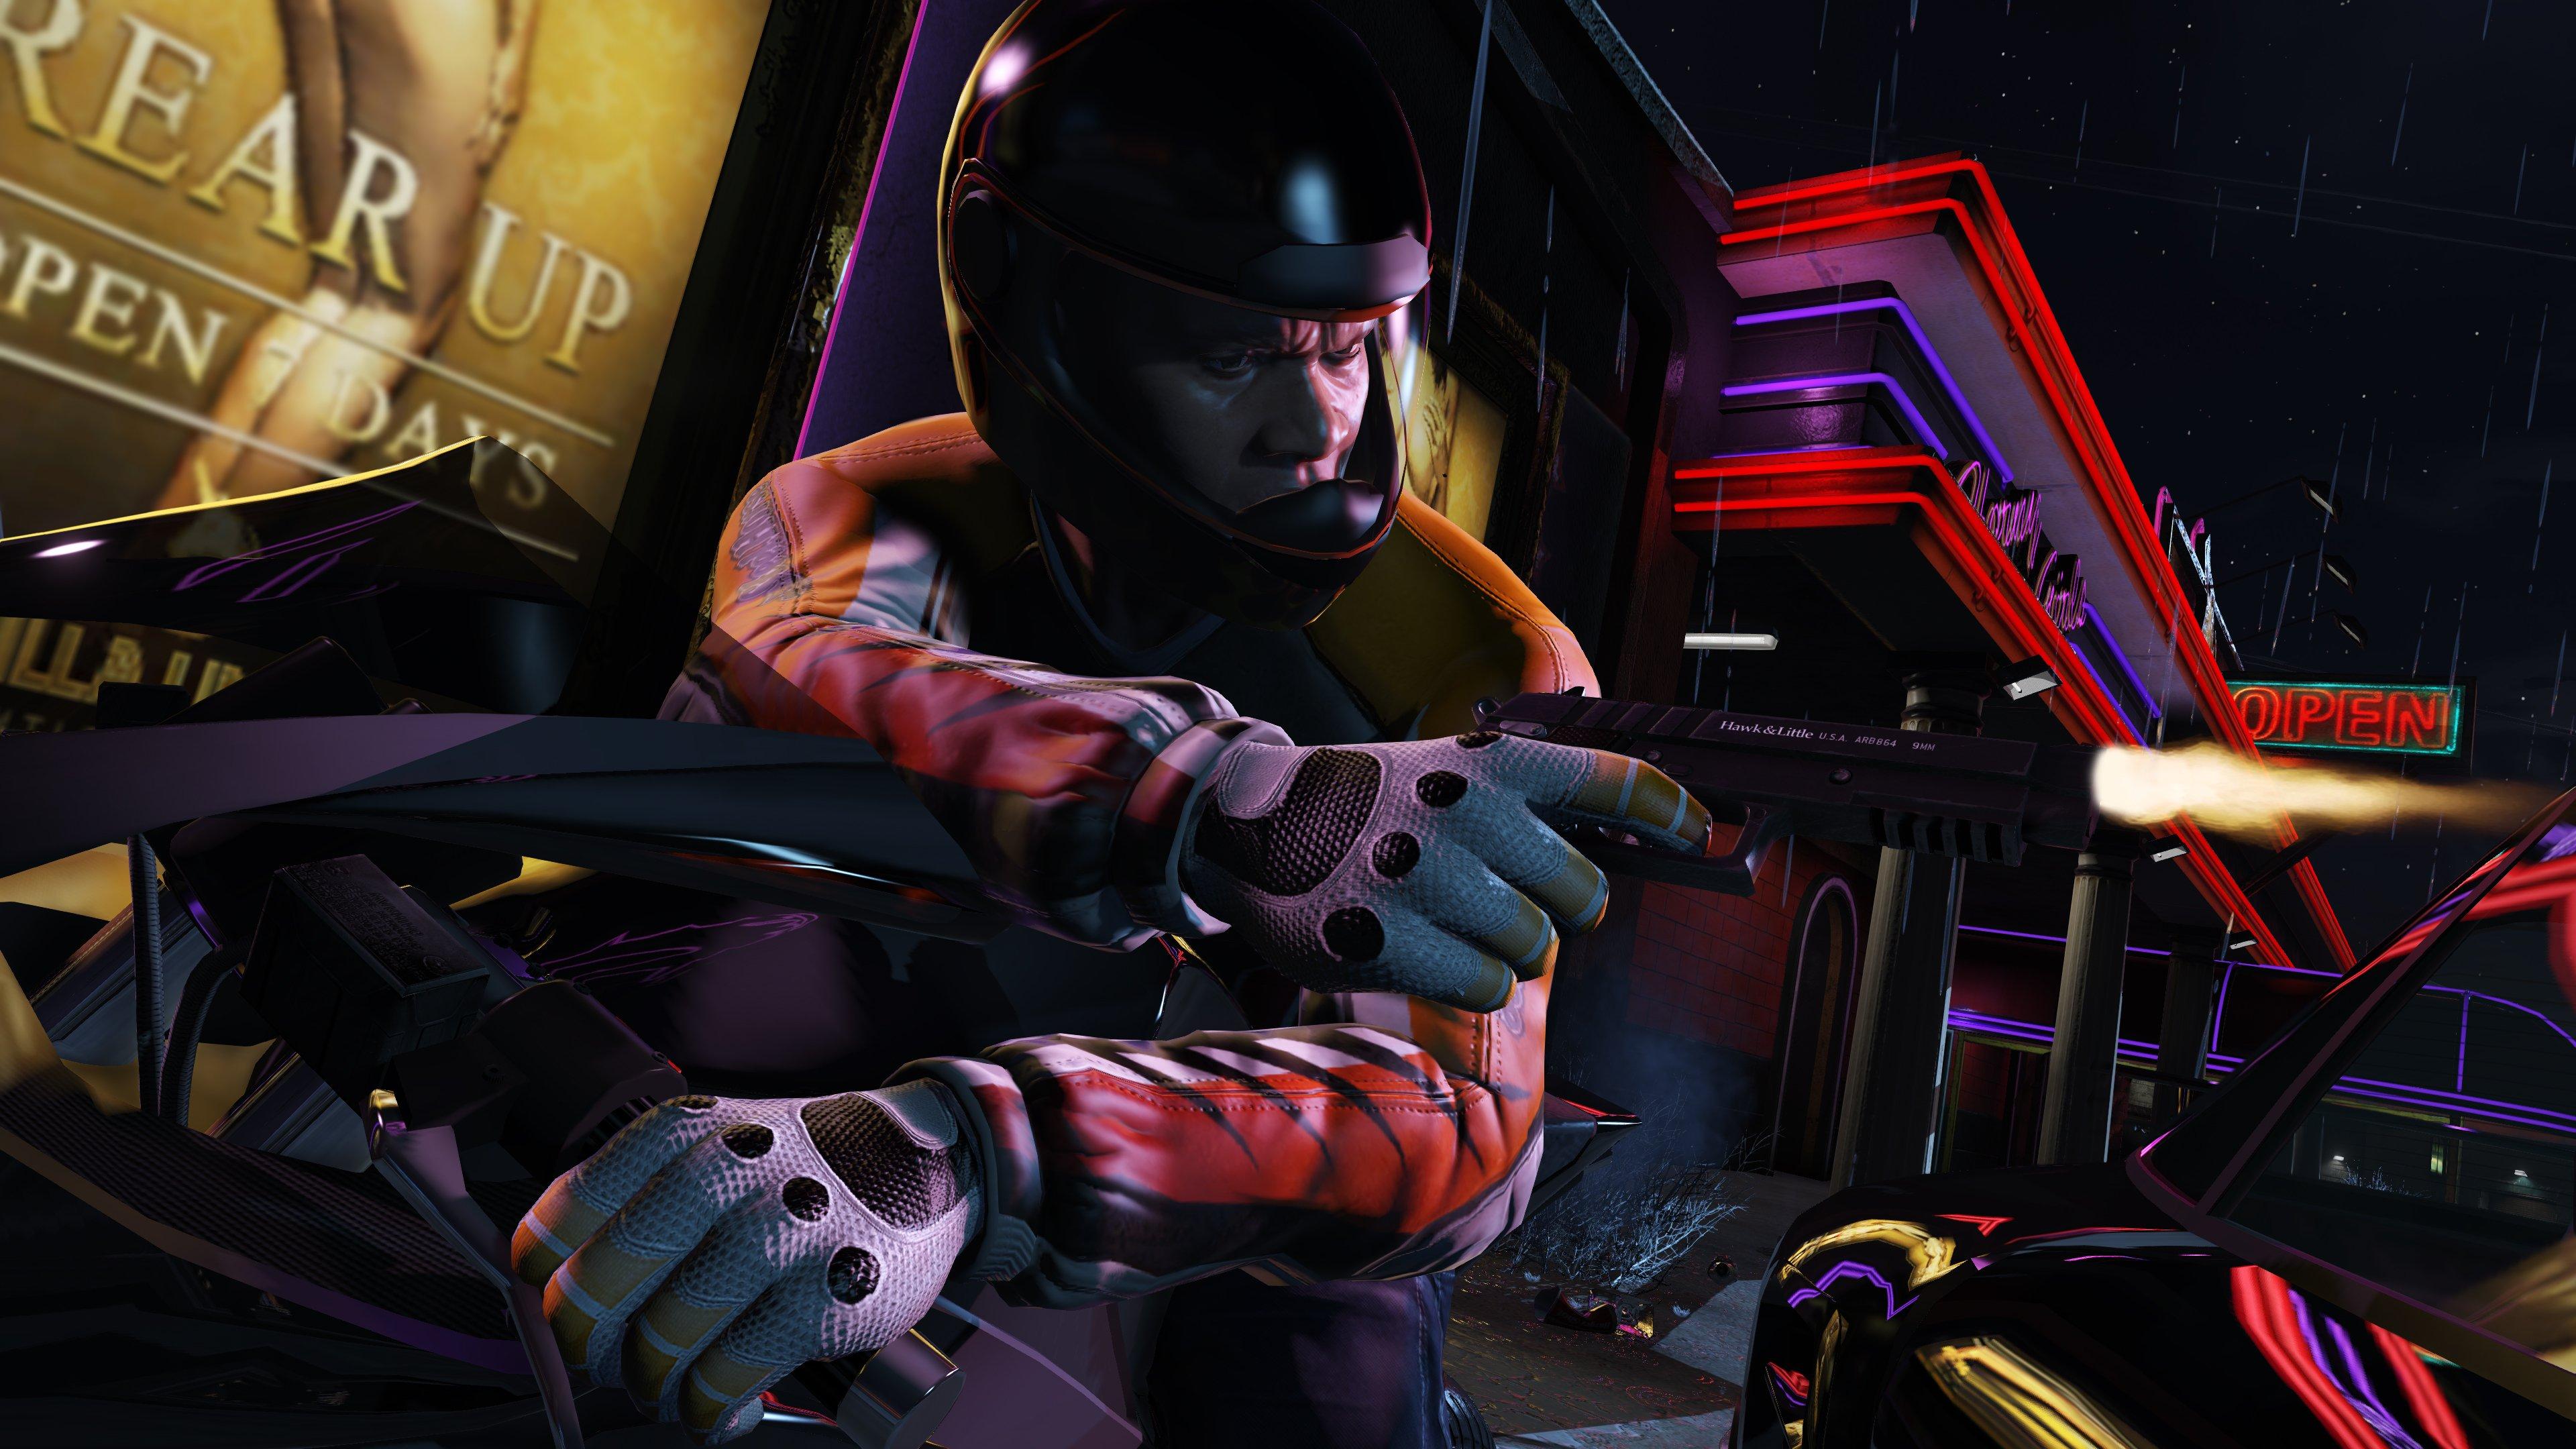 Rockstar показала новые скриншоты PC версии GTA V - Изображение 9